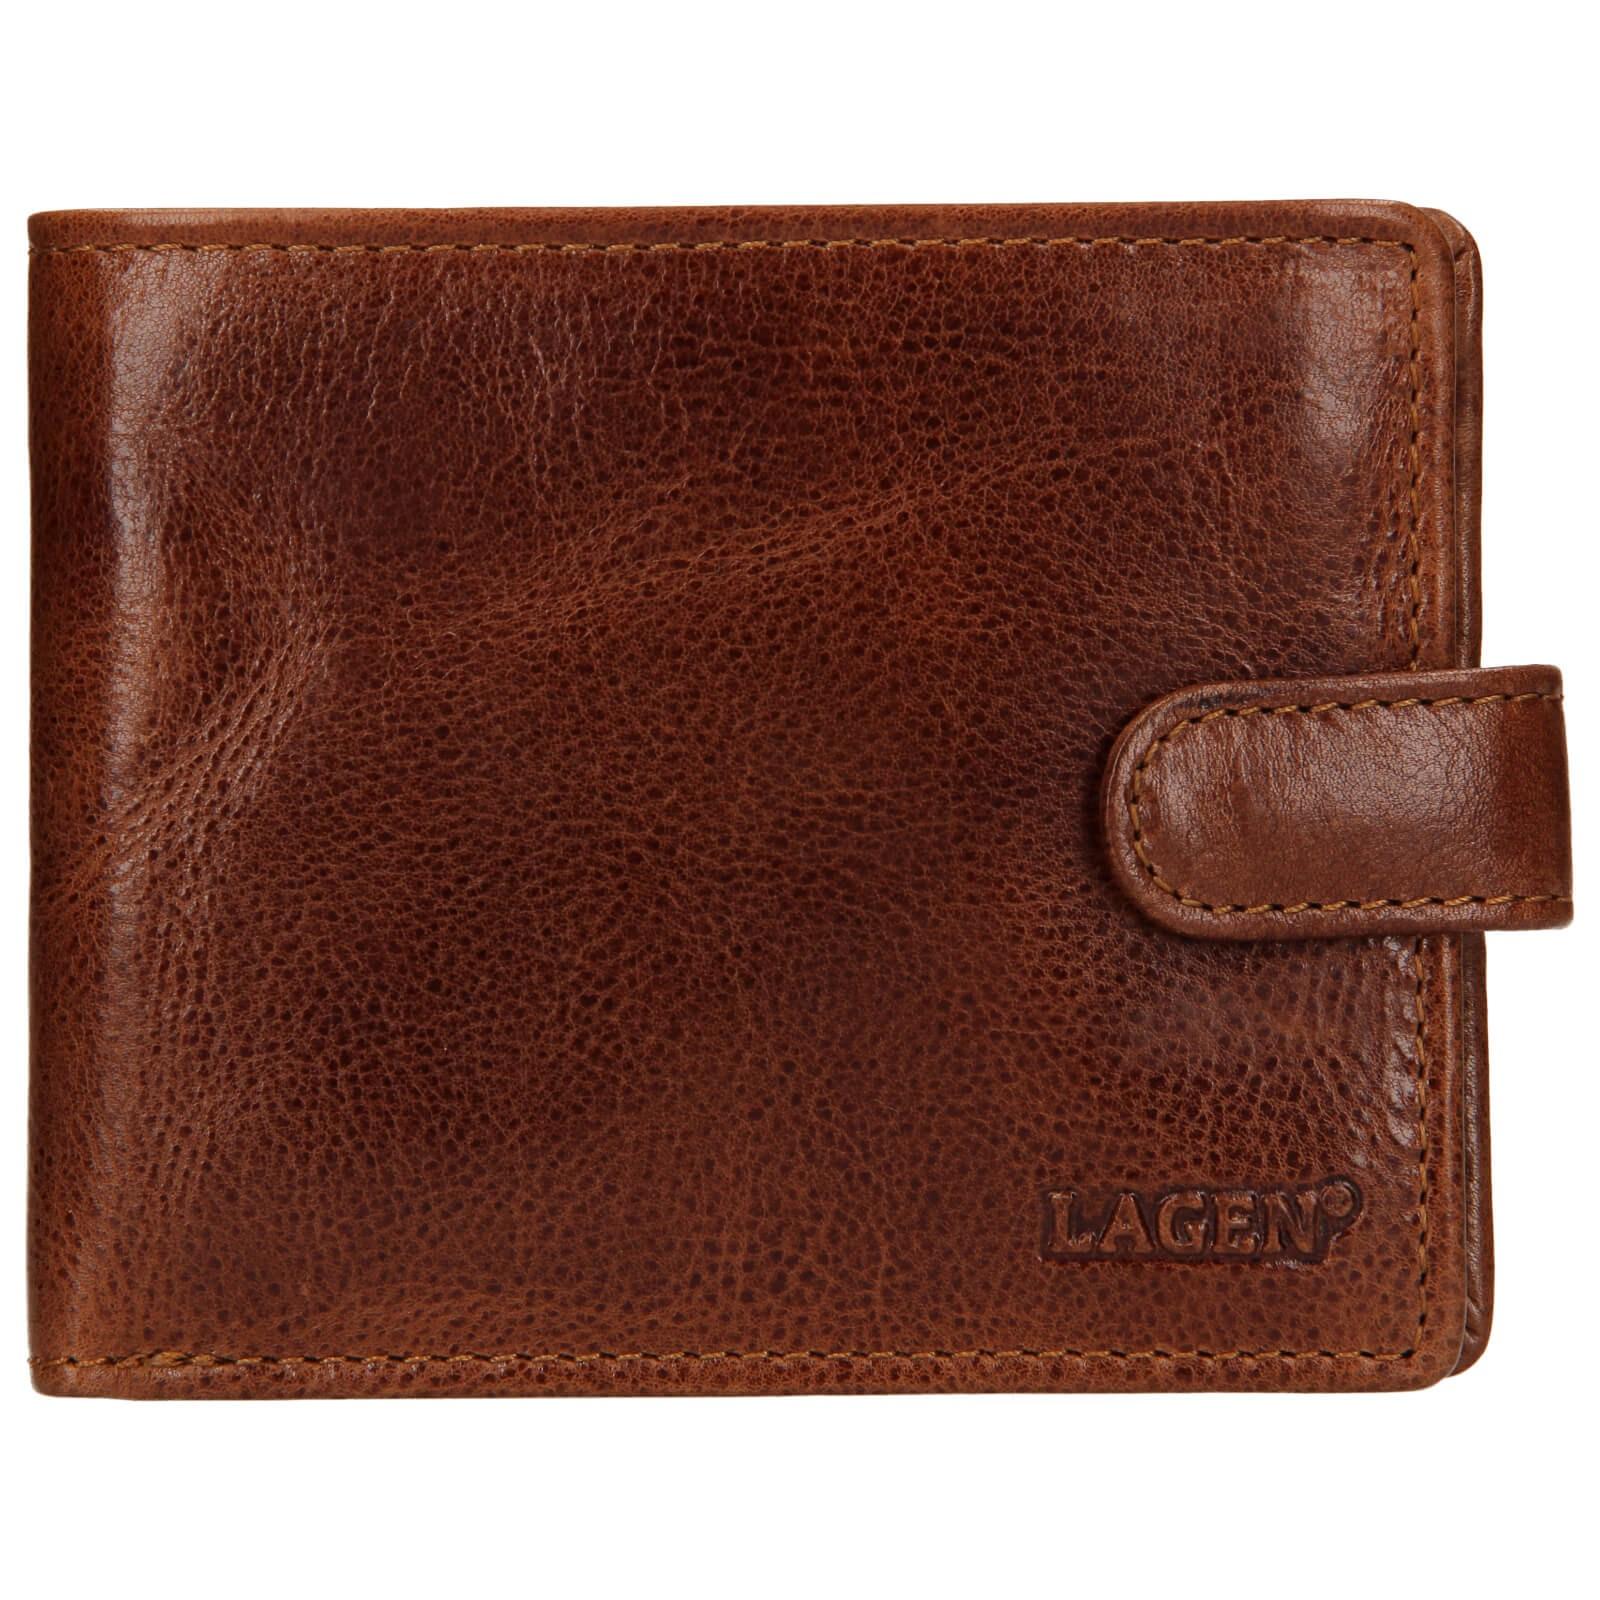 Pánska kožená peňaženka Lagen Mareto - svetlo hnedá